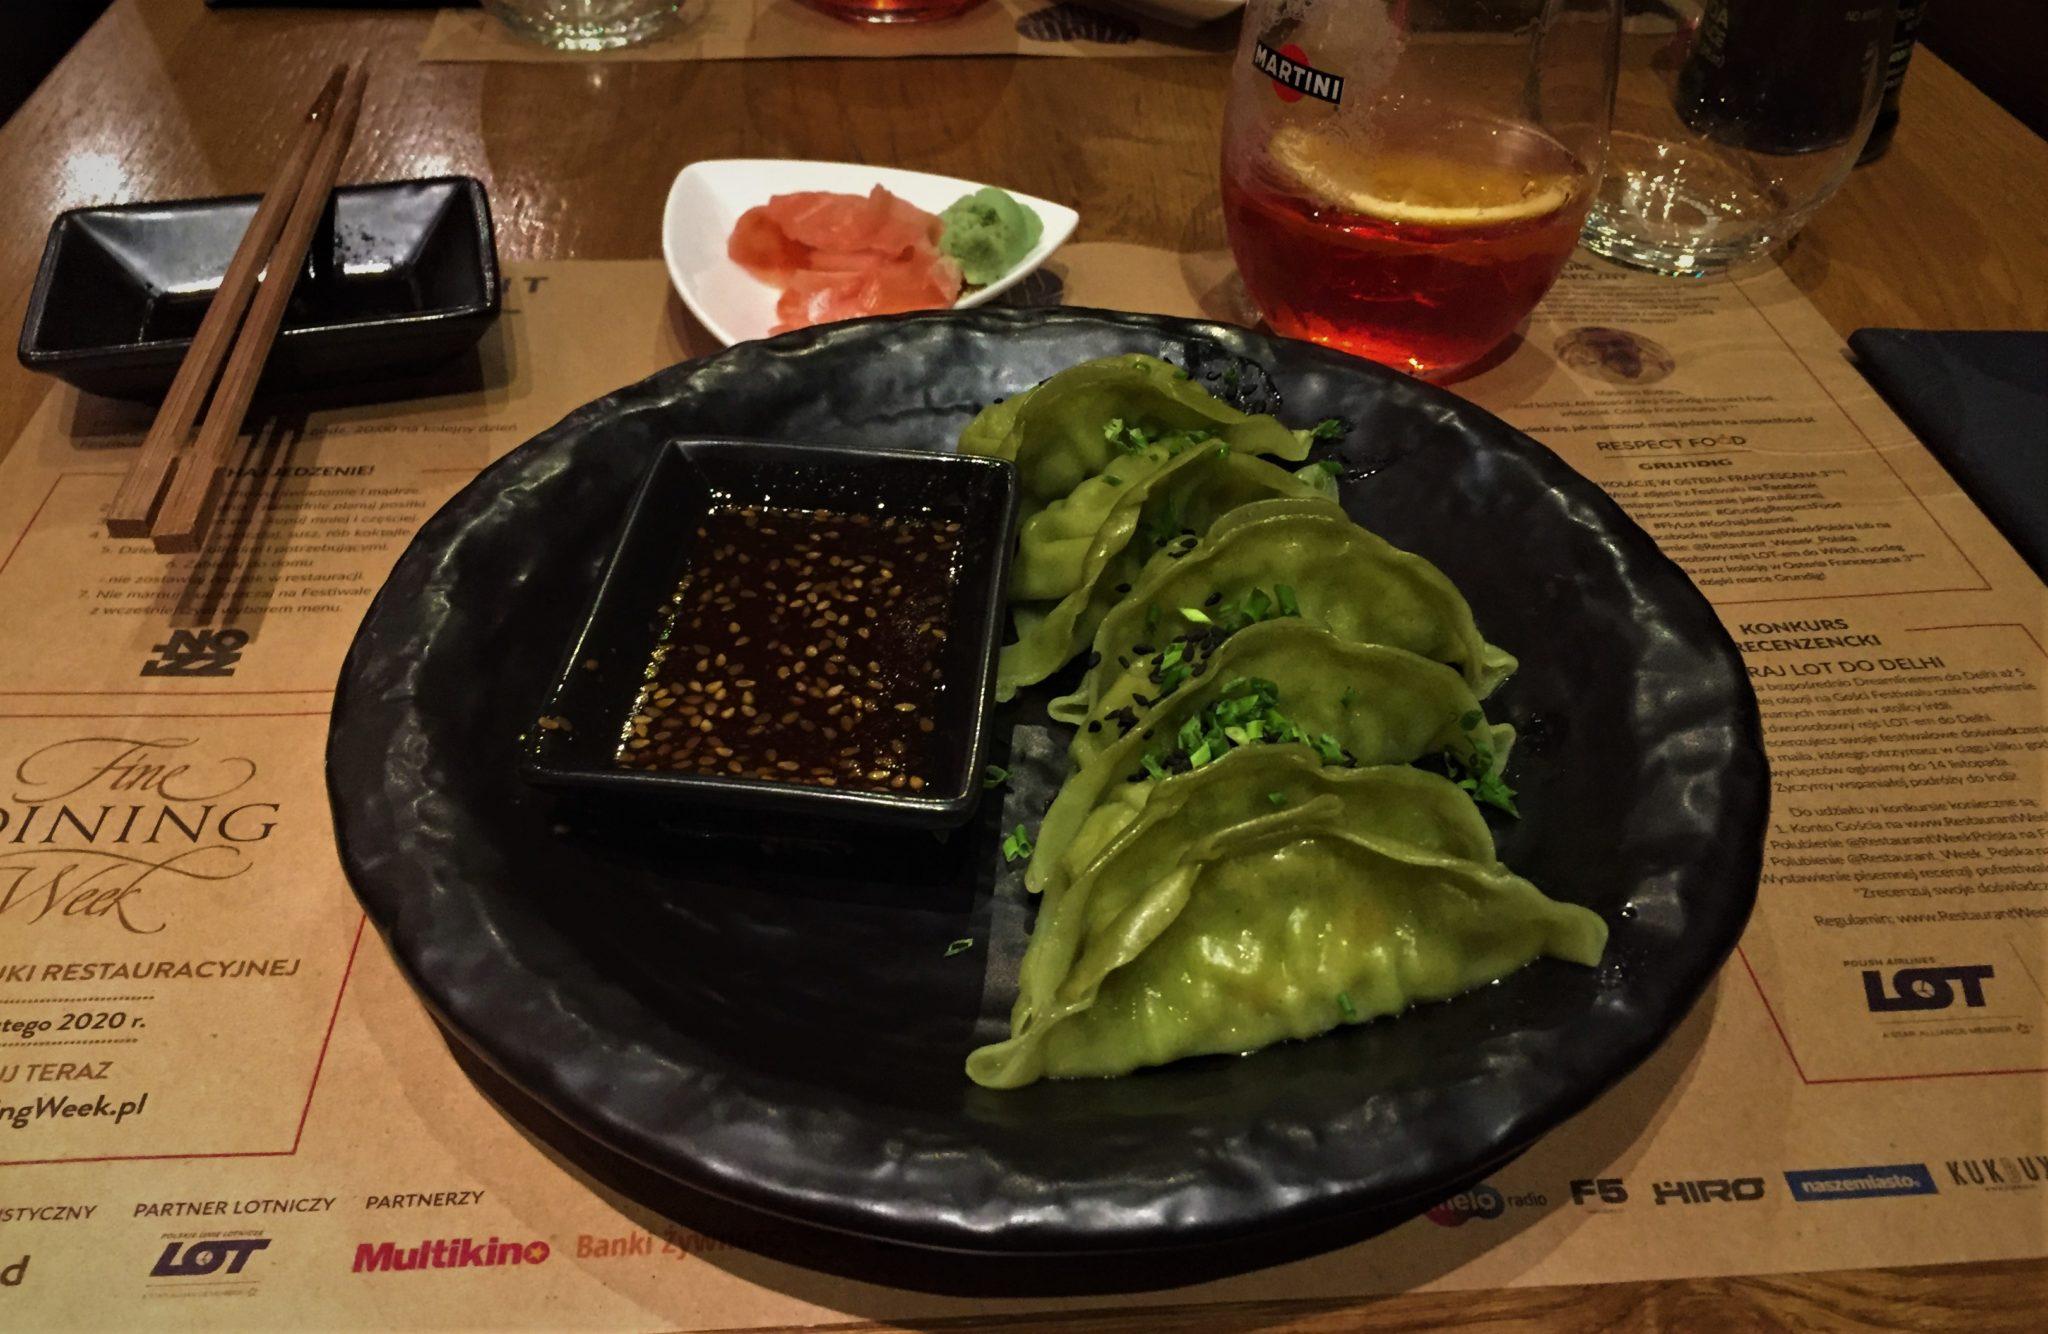 Zielone, japońskie pierożki, z ciemnym sosem sezamowym, na czarnym talerzu, w tle drink martini